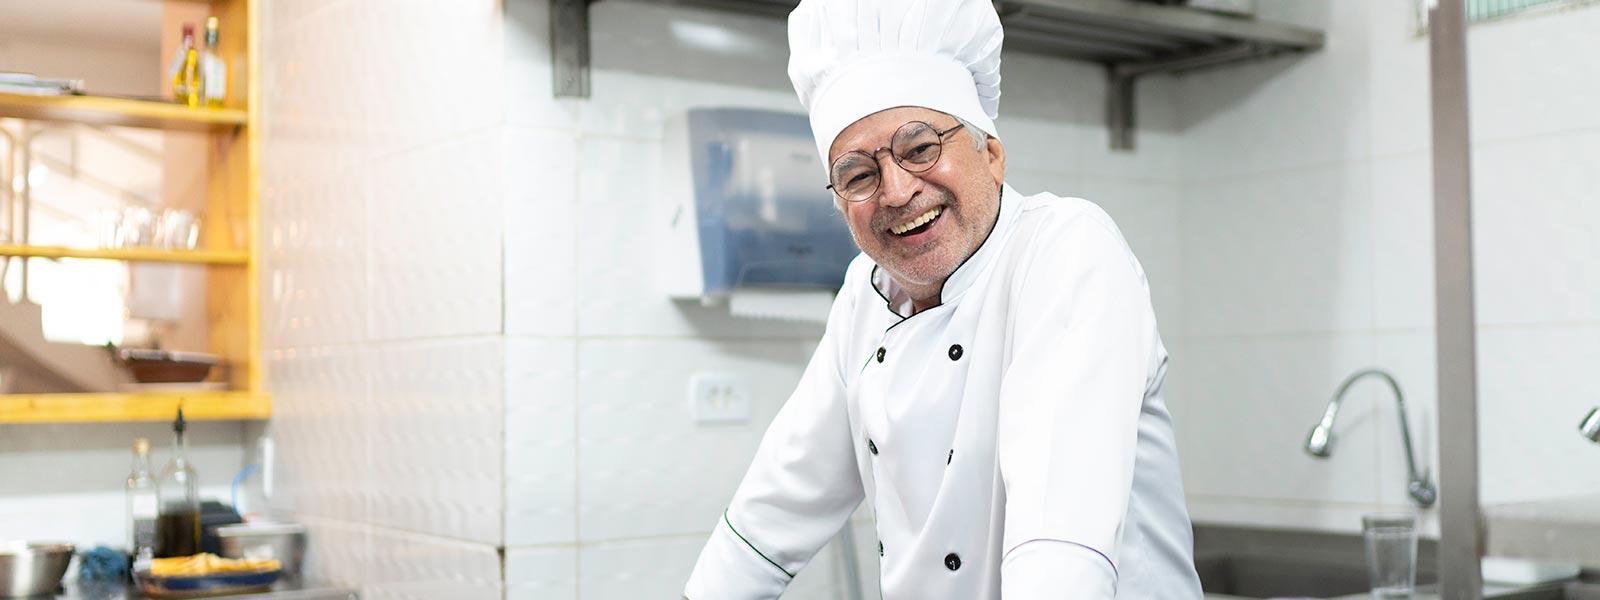 freundlicher Mann mit Kochmütze in einer Restaurant-Küche